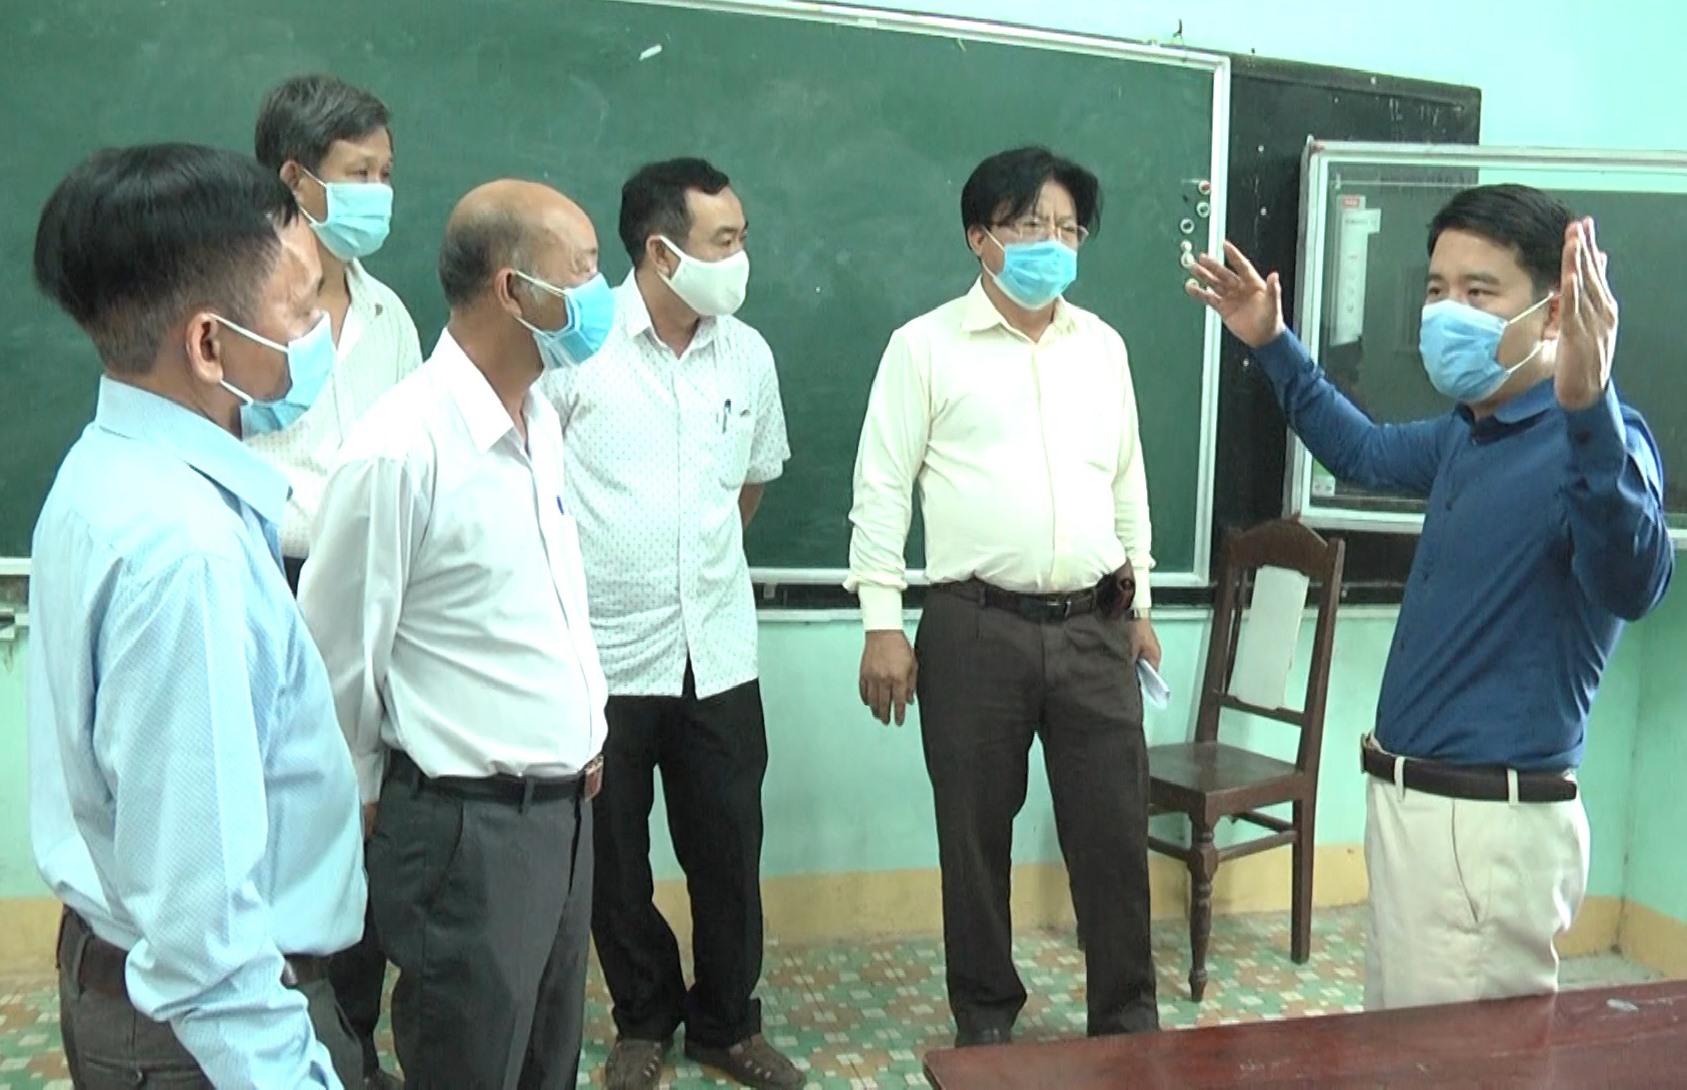 Phó Chủ tịch UBND tỉnh Trần Văn Tân kiểm tra công tác chuẩn bị tổ chức kỳ thi tốt nghiệp THPT tại Trường THPT Quế Sơn. Ảnh DT